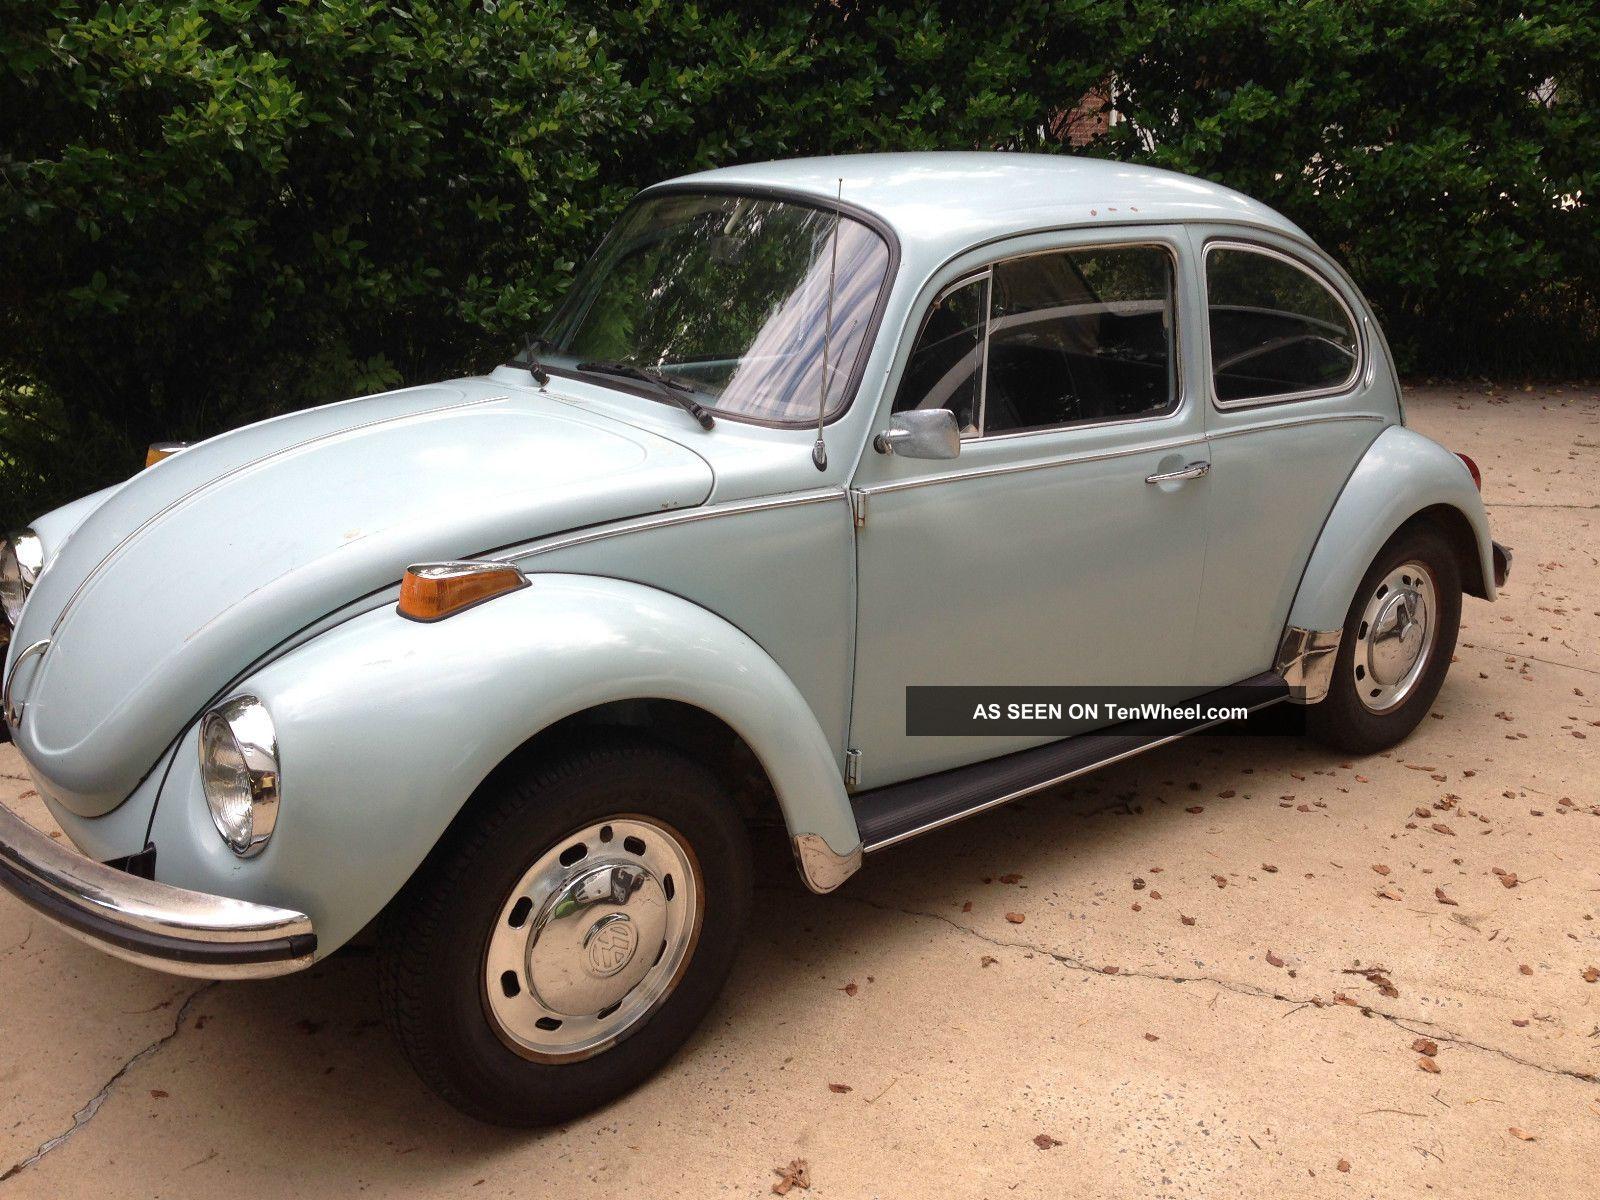 1973 Volkswagen Beetle Beetle - Classic photo